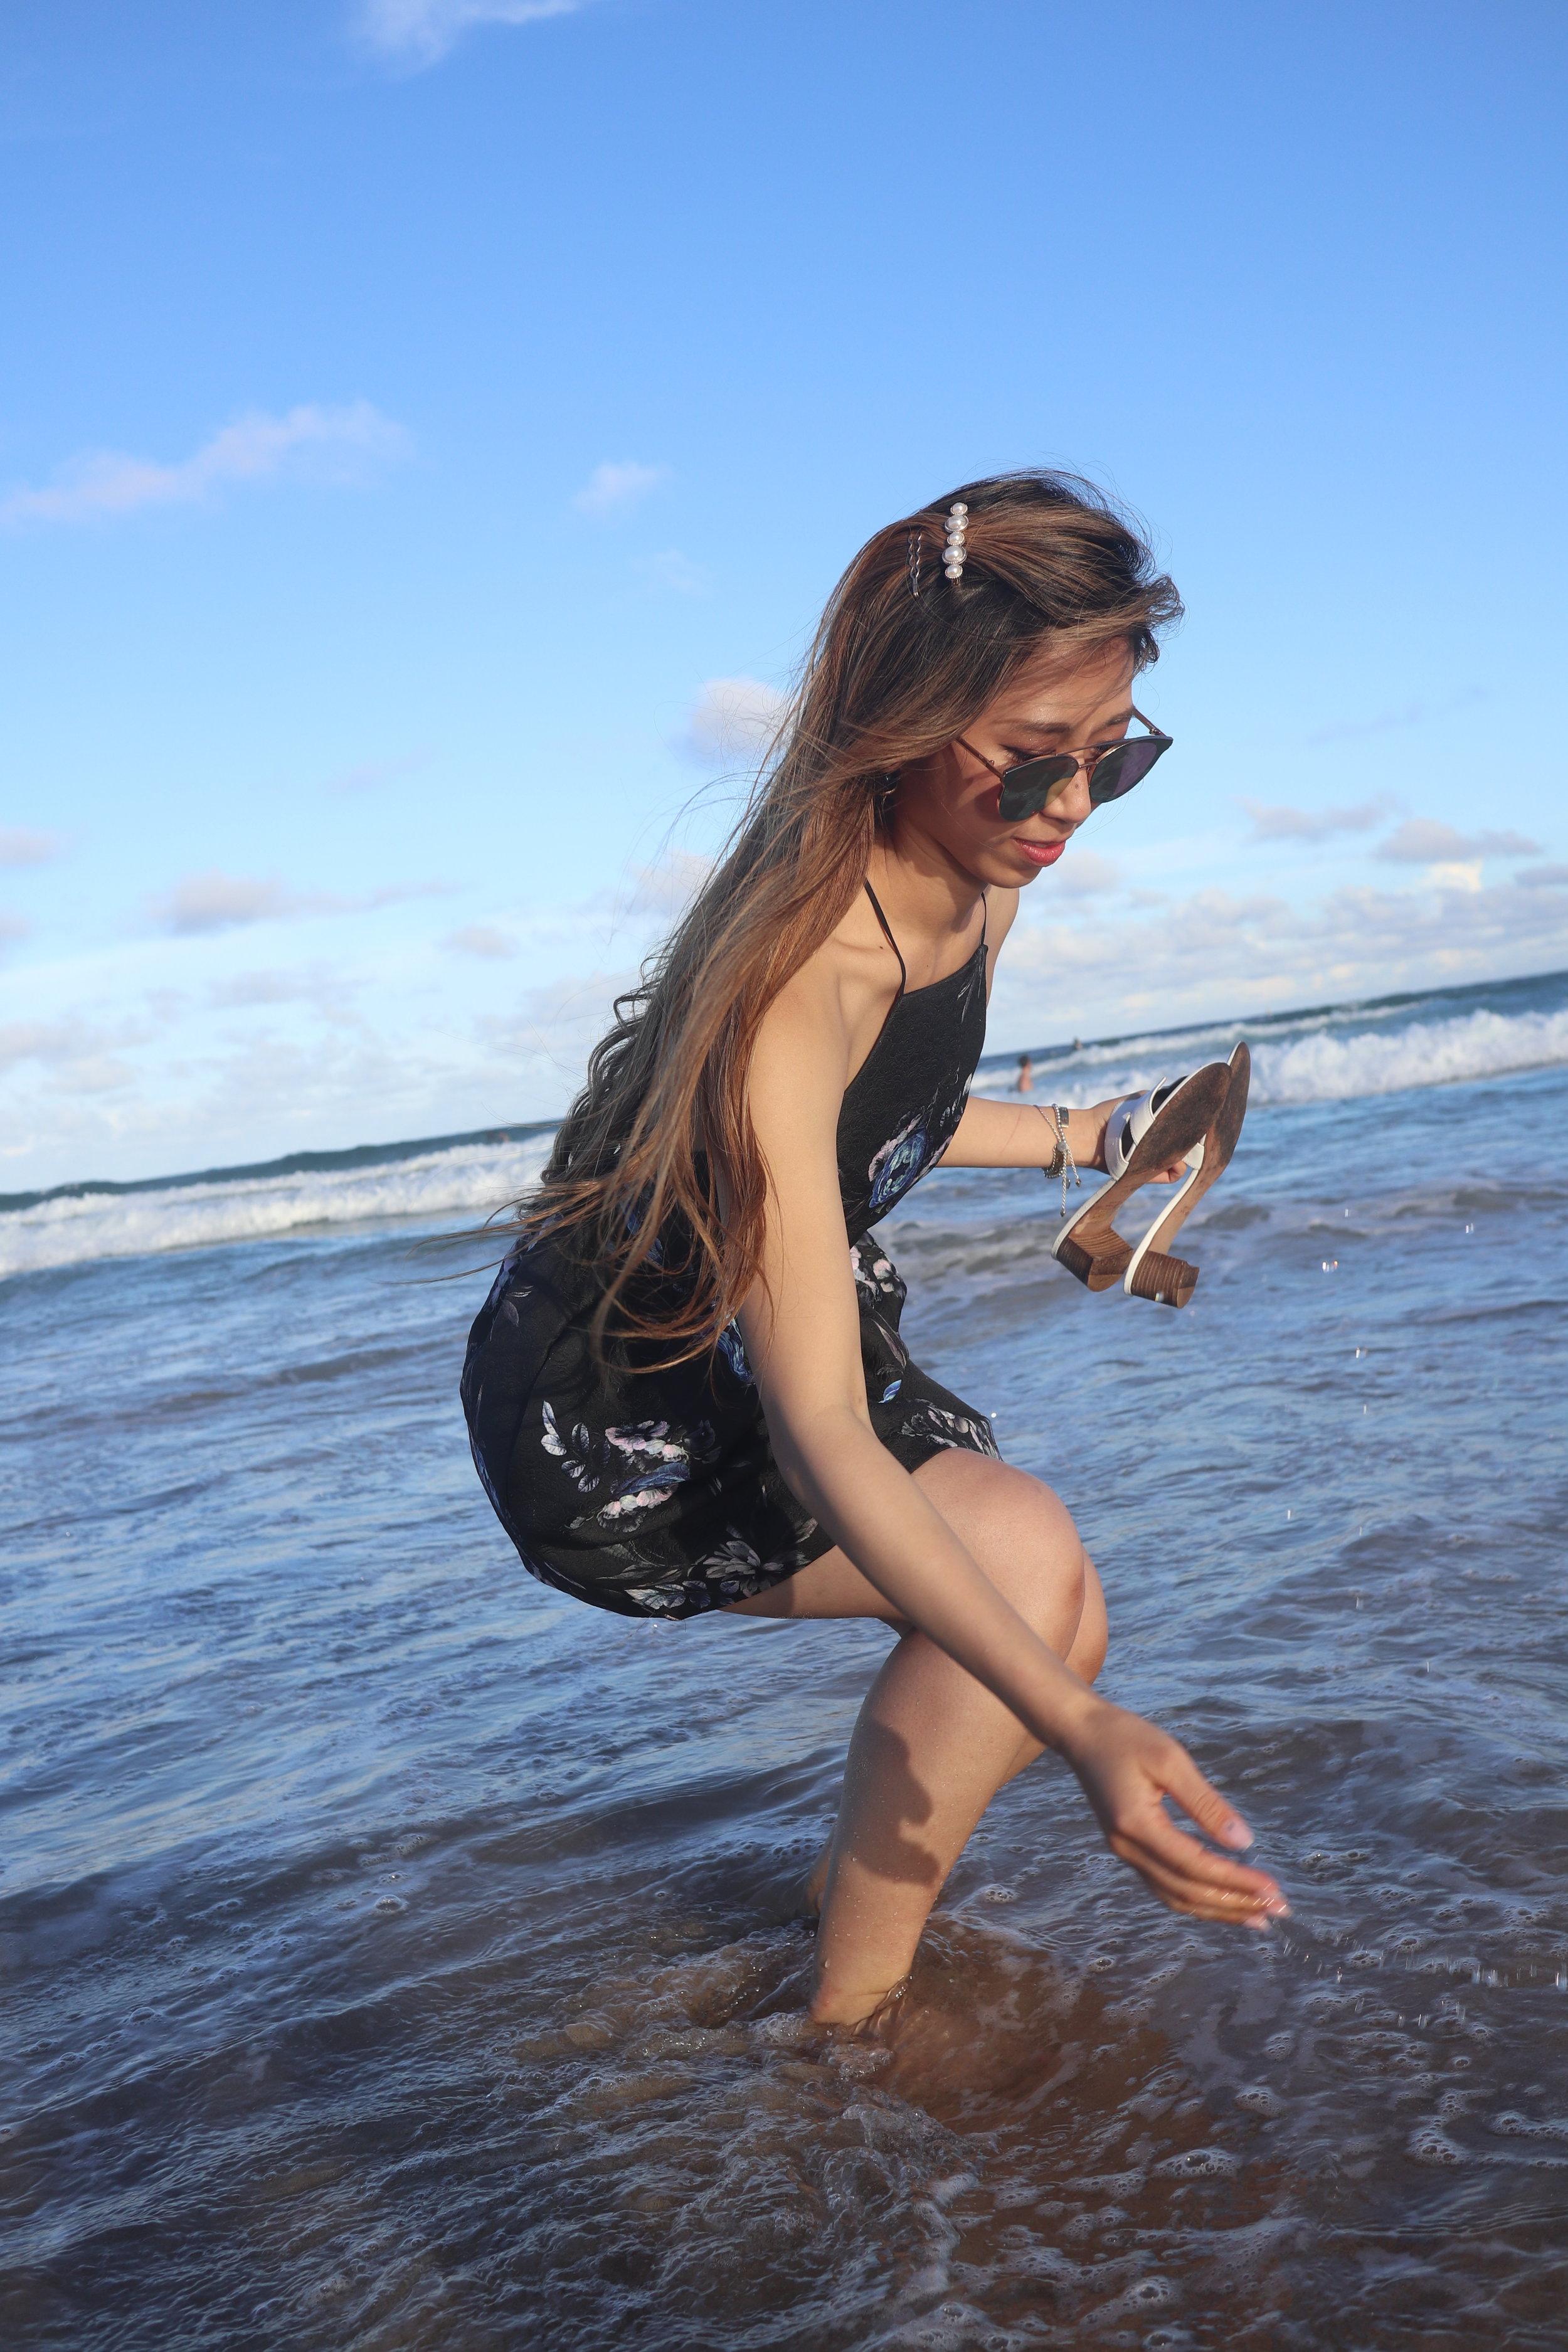 - Dress: Topshop floral dressShoes: Hermes Oasis sandalsBag: Loewe basket small bag